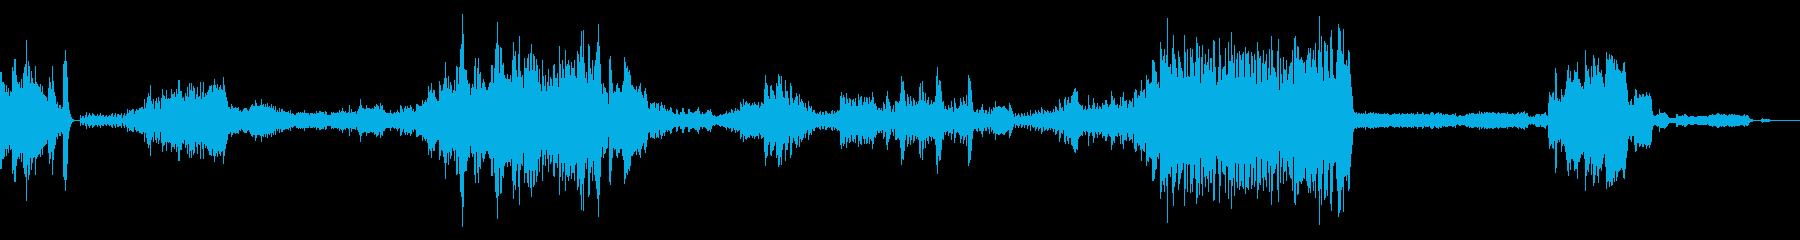 力強く幻想的なオーケストラサウンドの再生済みの波形